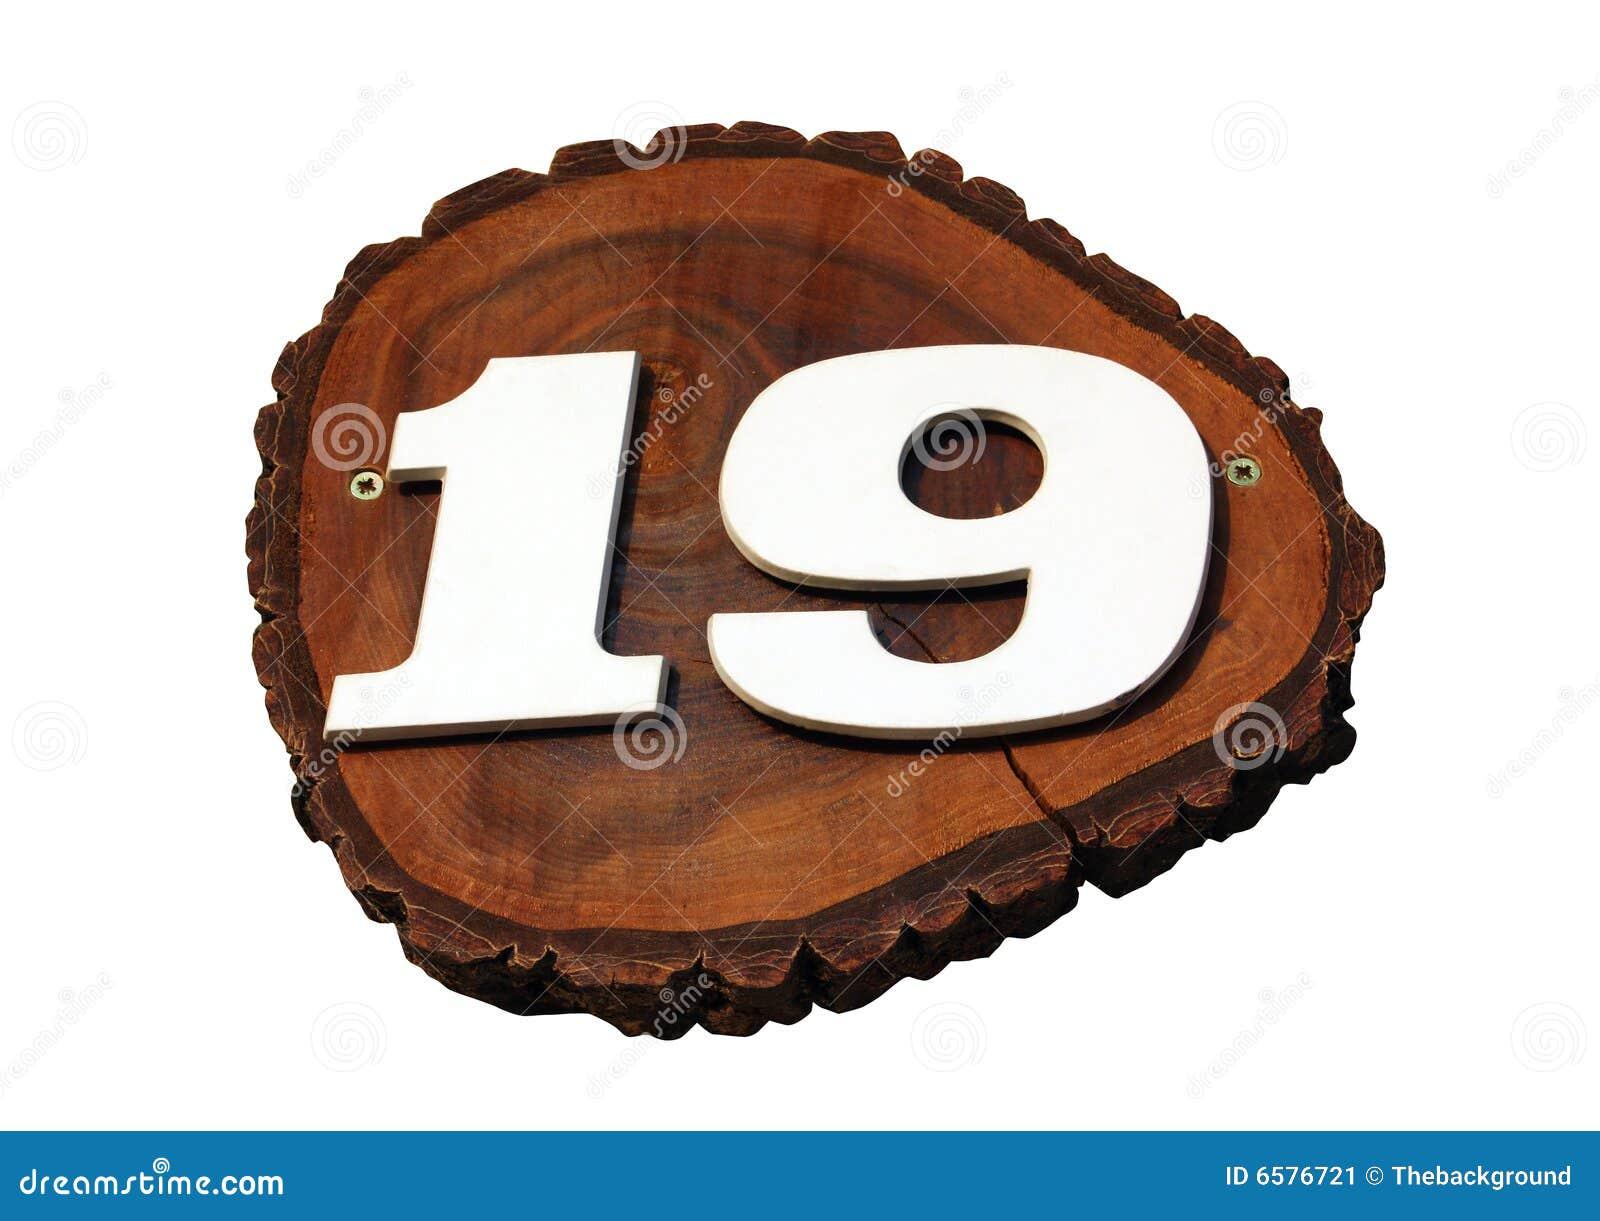 картинки с цифрой 19 красивые мото, водный